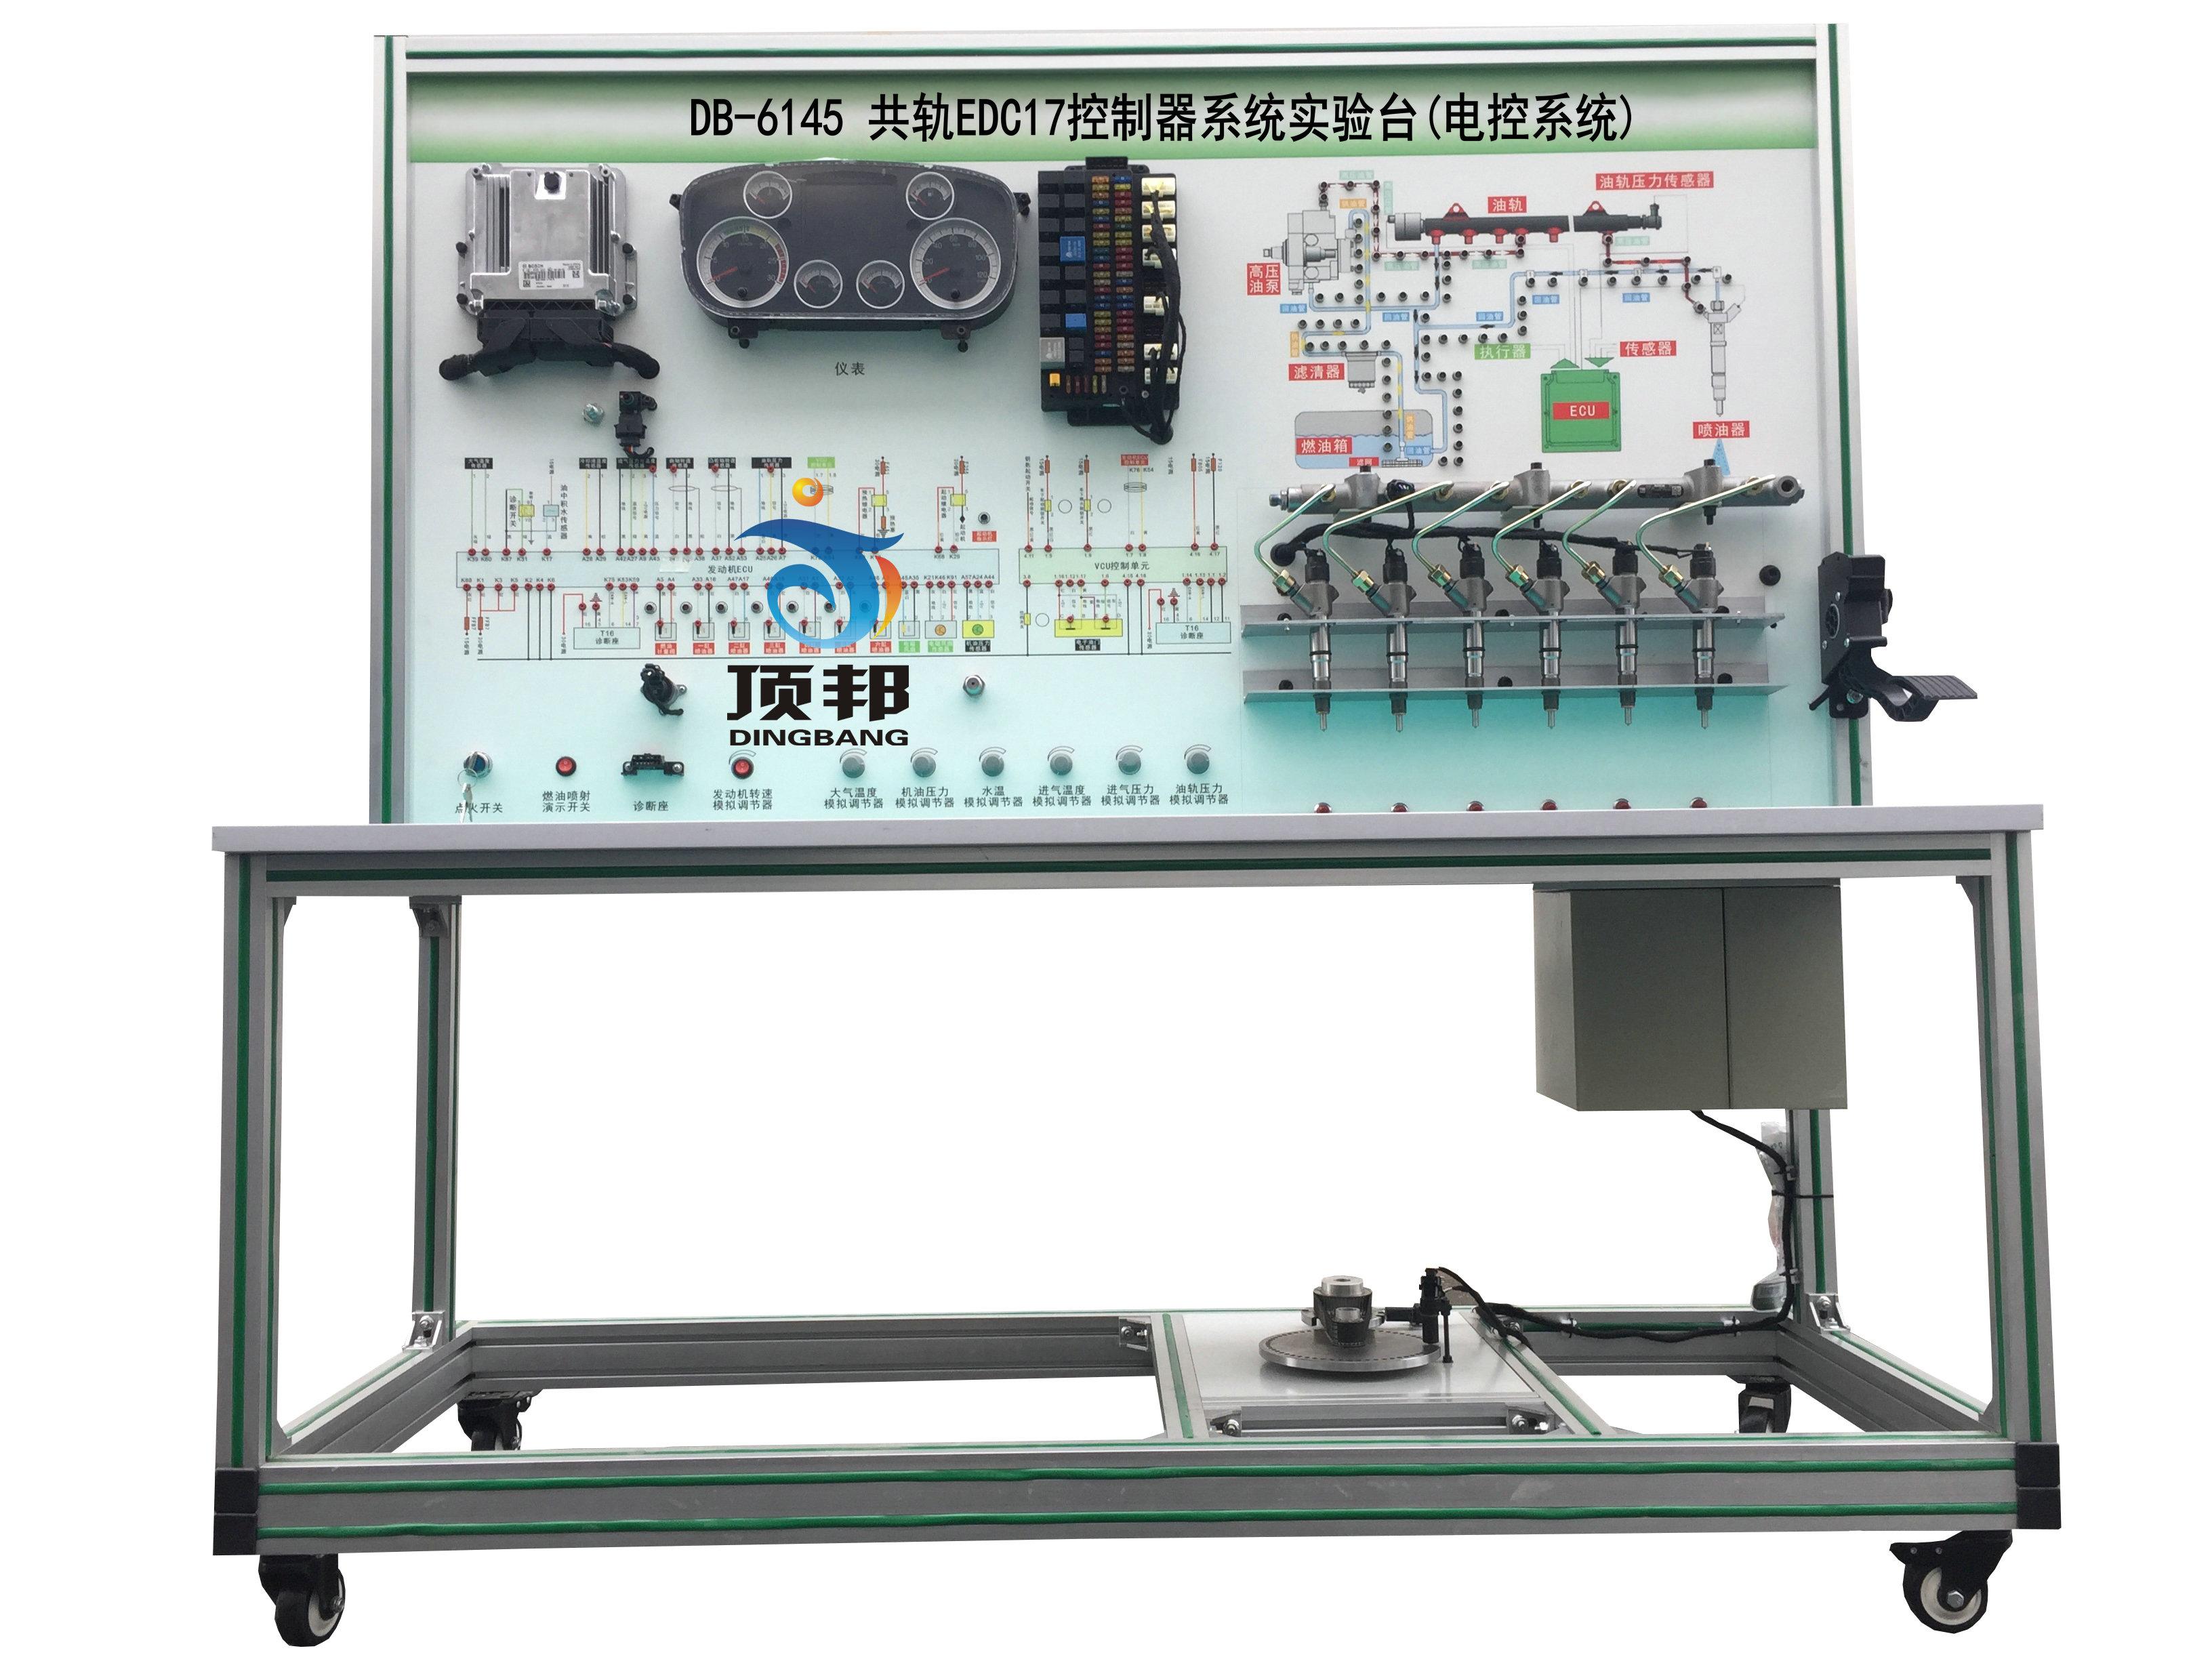 共轨 EDC17 控制器系统实验台(电控系统)